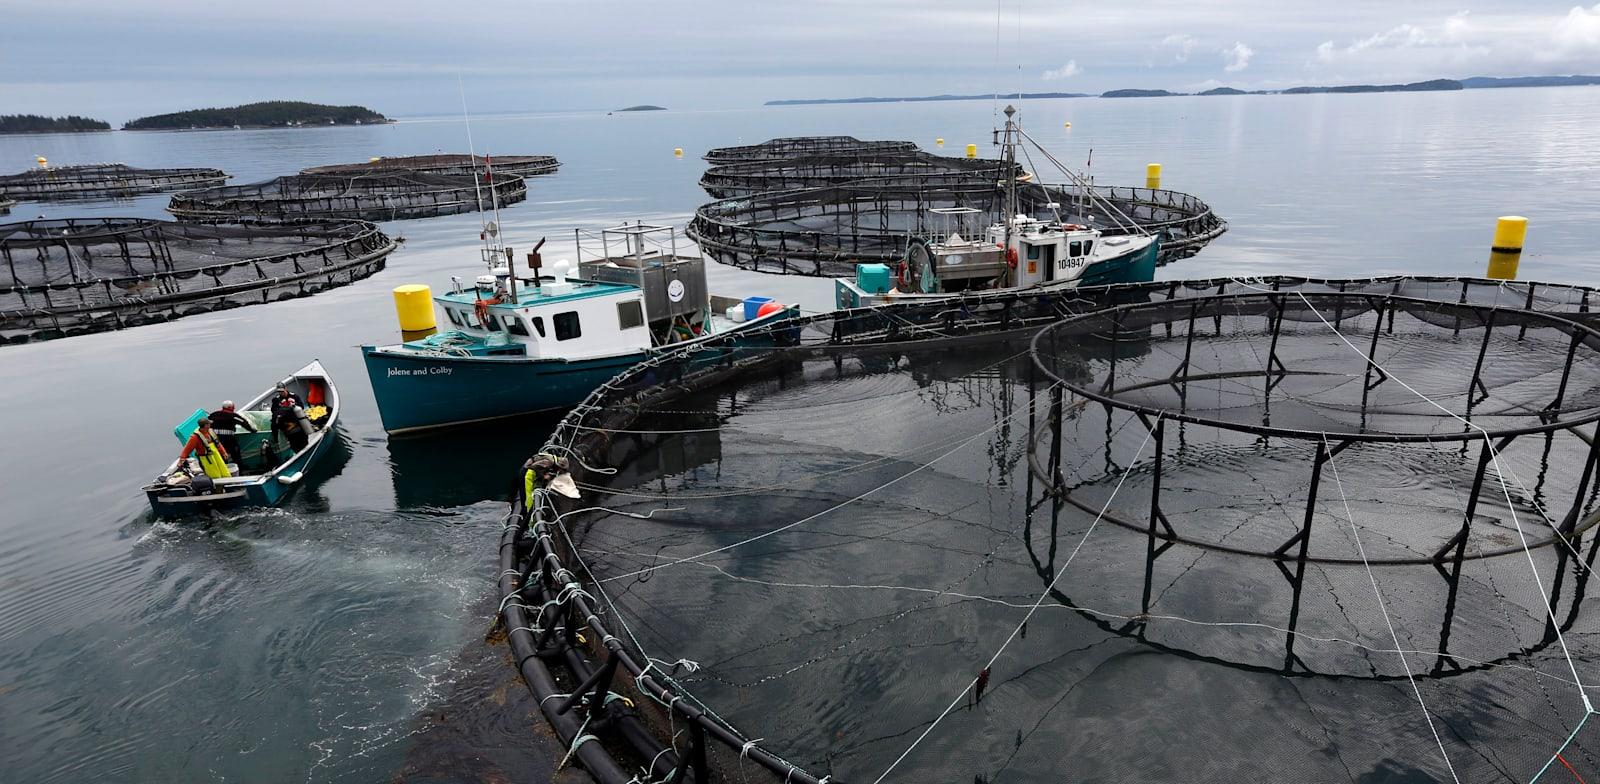 חוות דגי סלמון בקנדה / צילום: Associated Press, Robert F. Bukaty